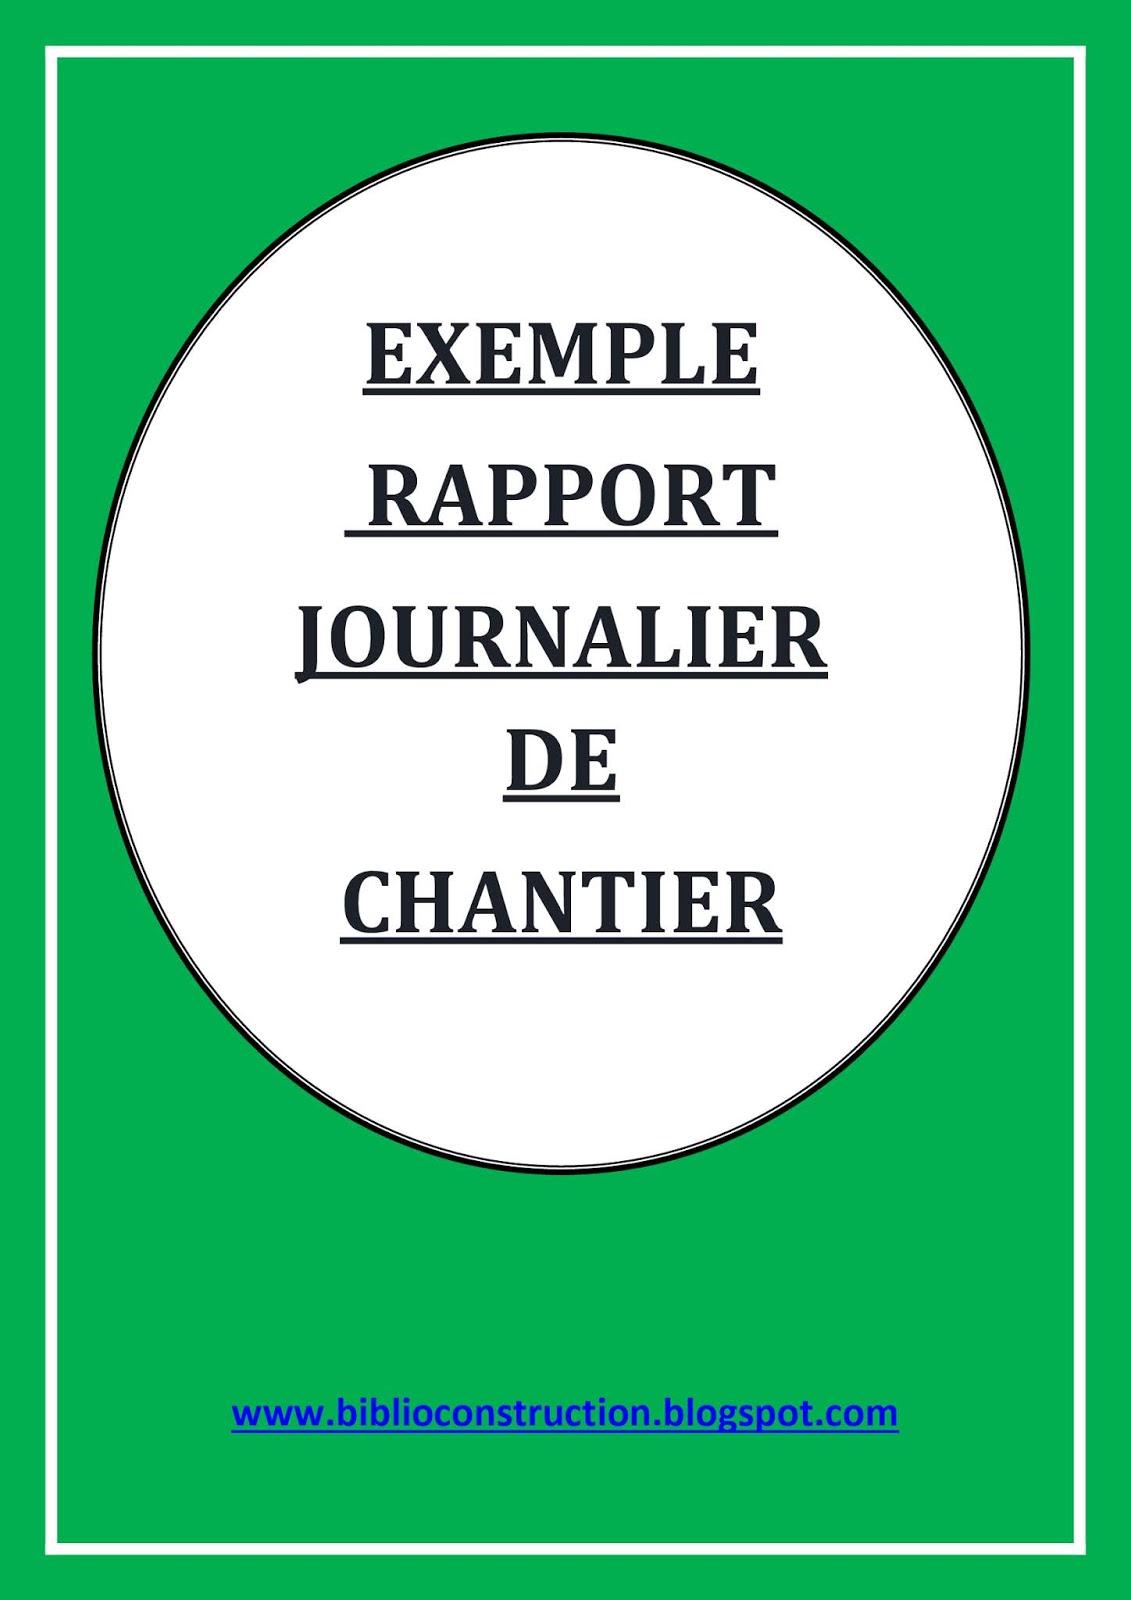 """Télécharger gratuitement un """"EXEMPLE DE RAPPORT JOURNALIER ..."""